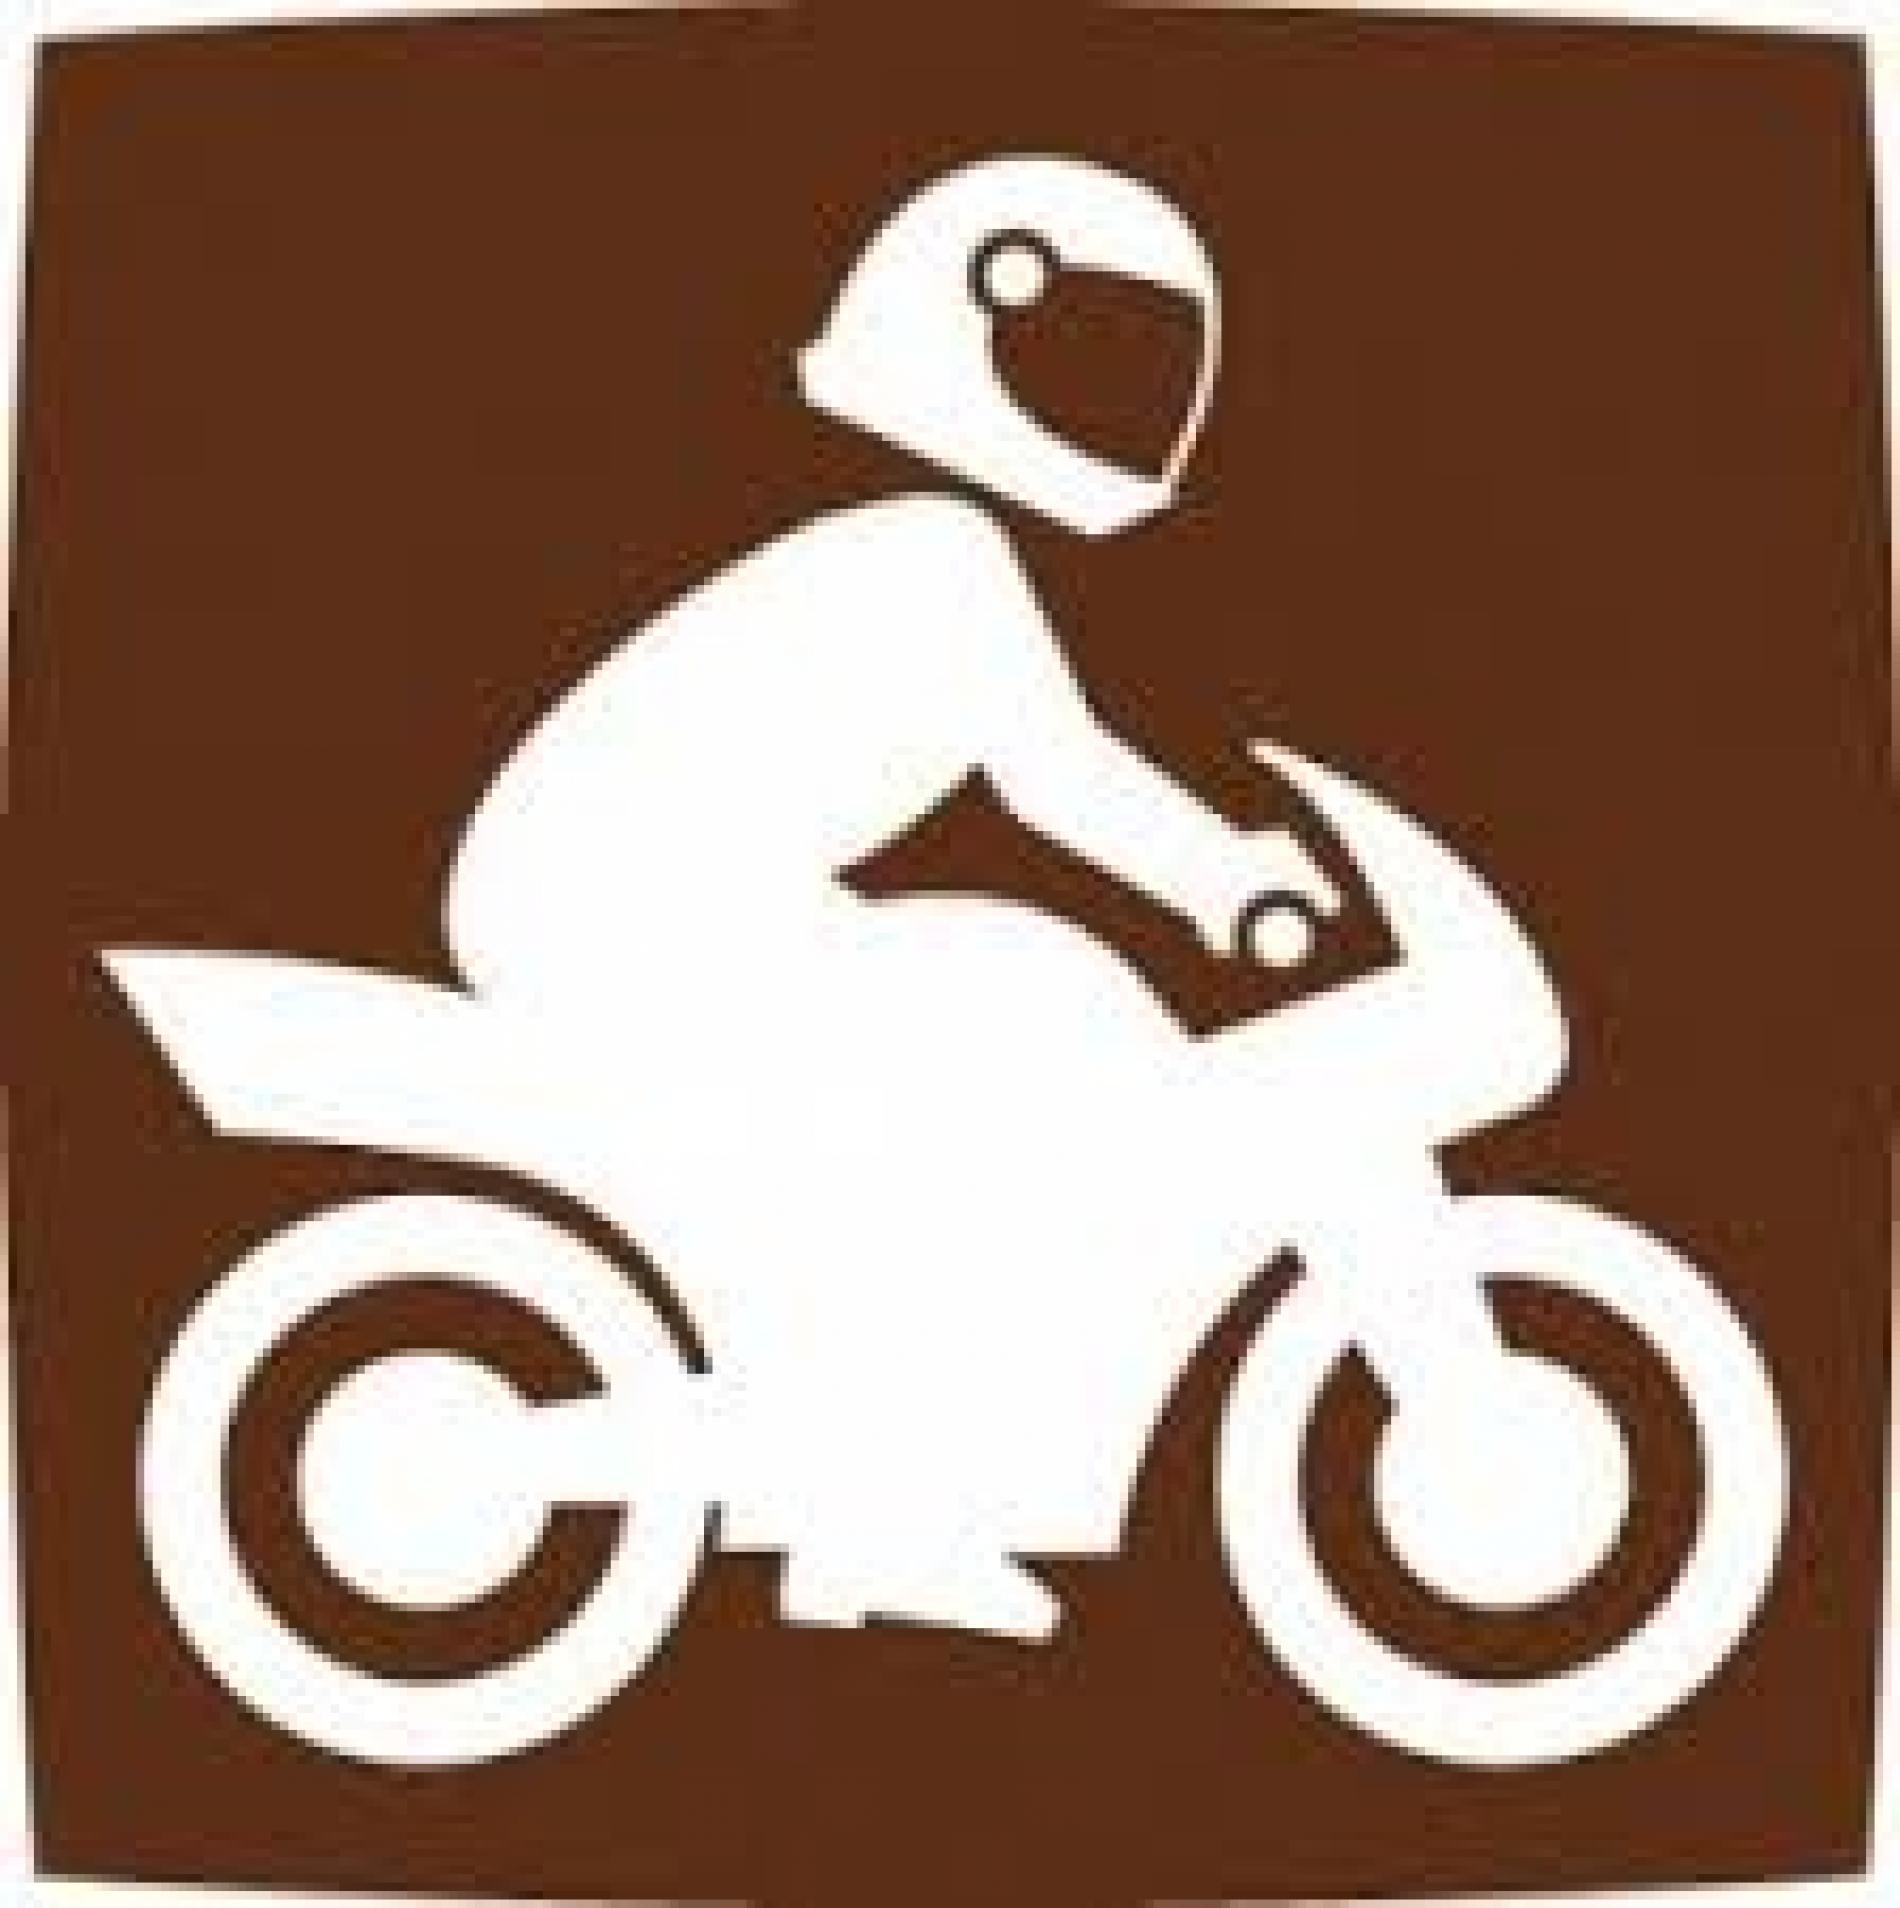 Les motards sont les bienvenus